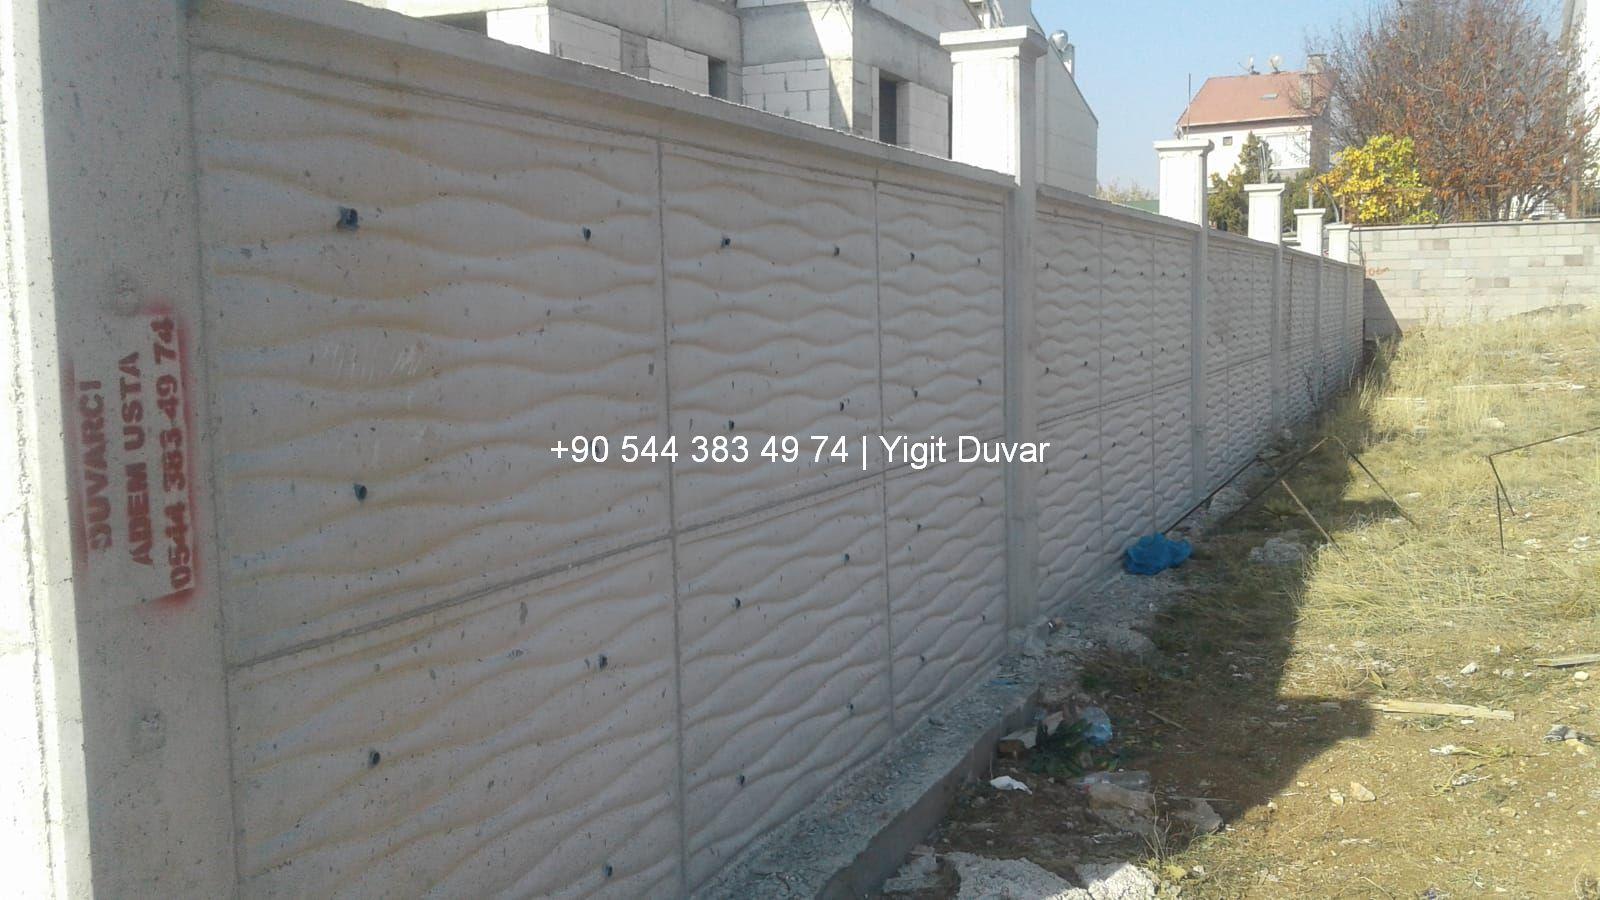 duvar-ustasi-yigit-duvar082